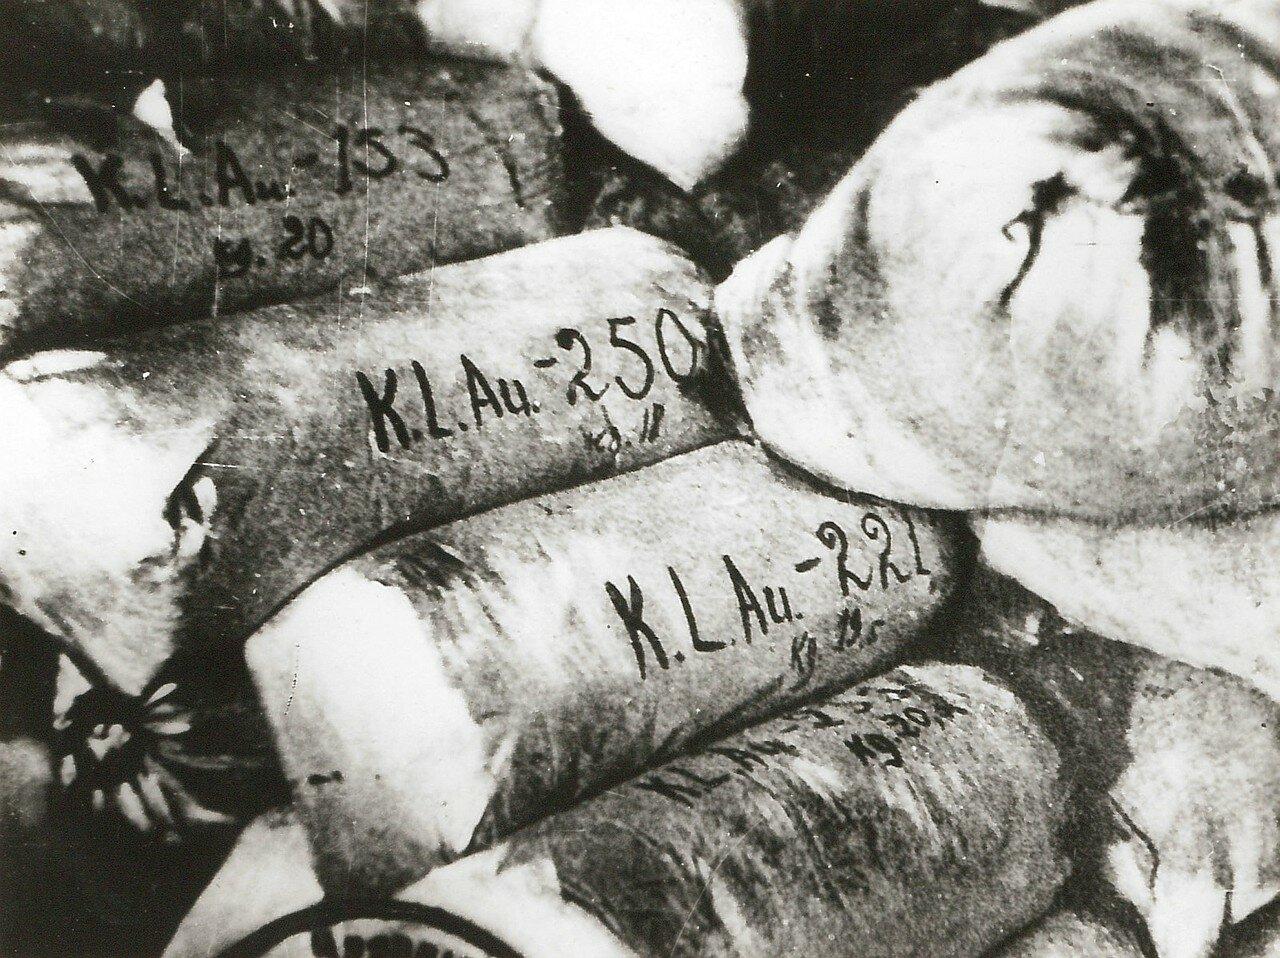 1944. Тюки с волосами убитых женщин из концлагеря Аушвиц, приготовленные для производства матрасов